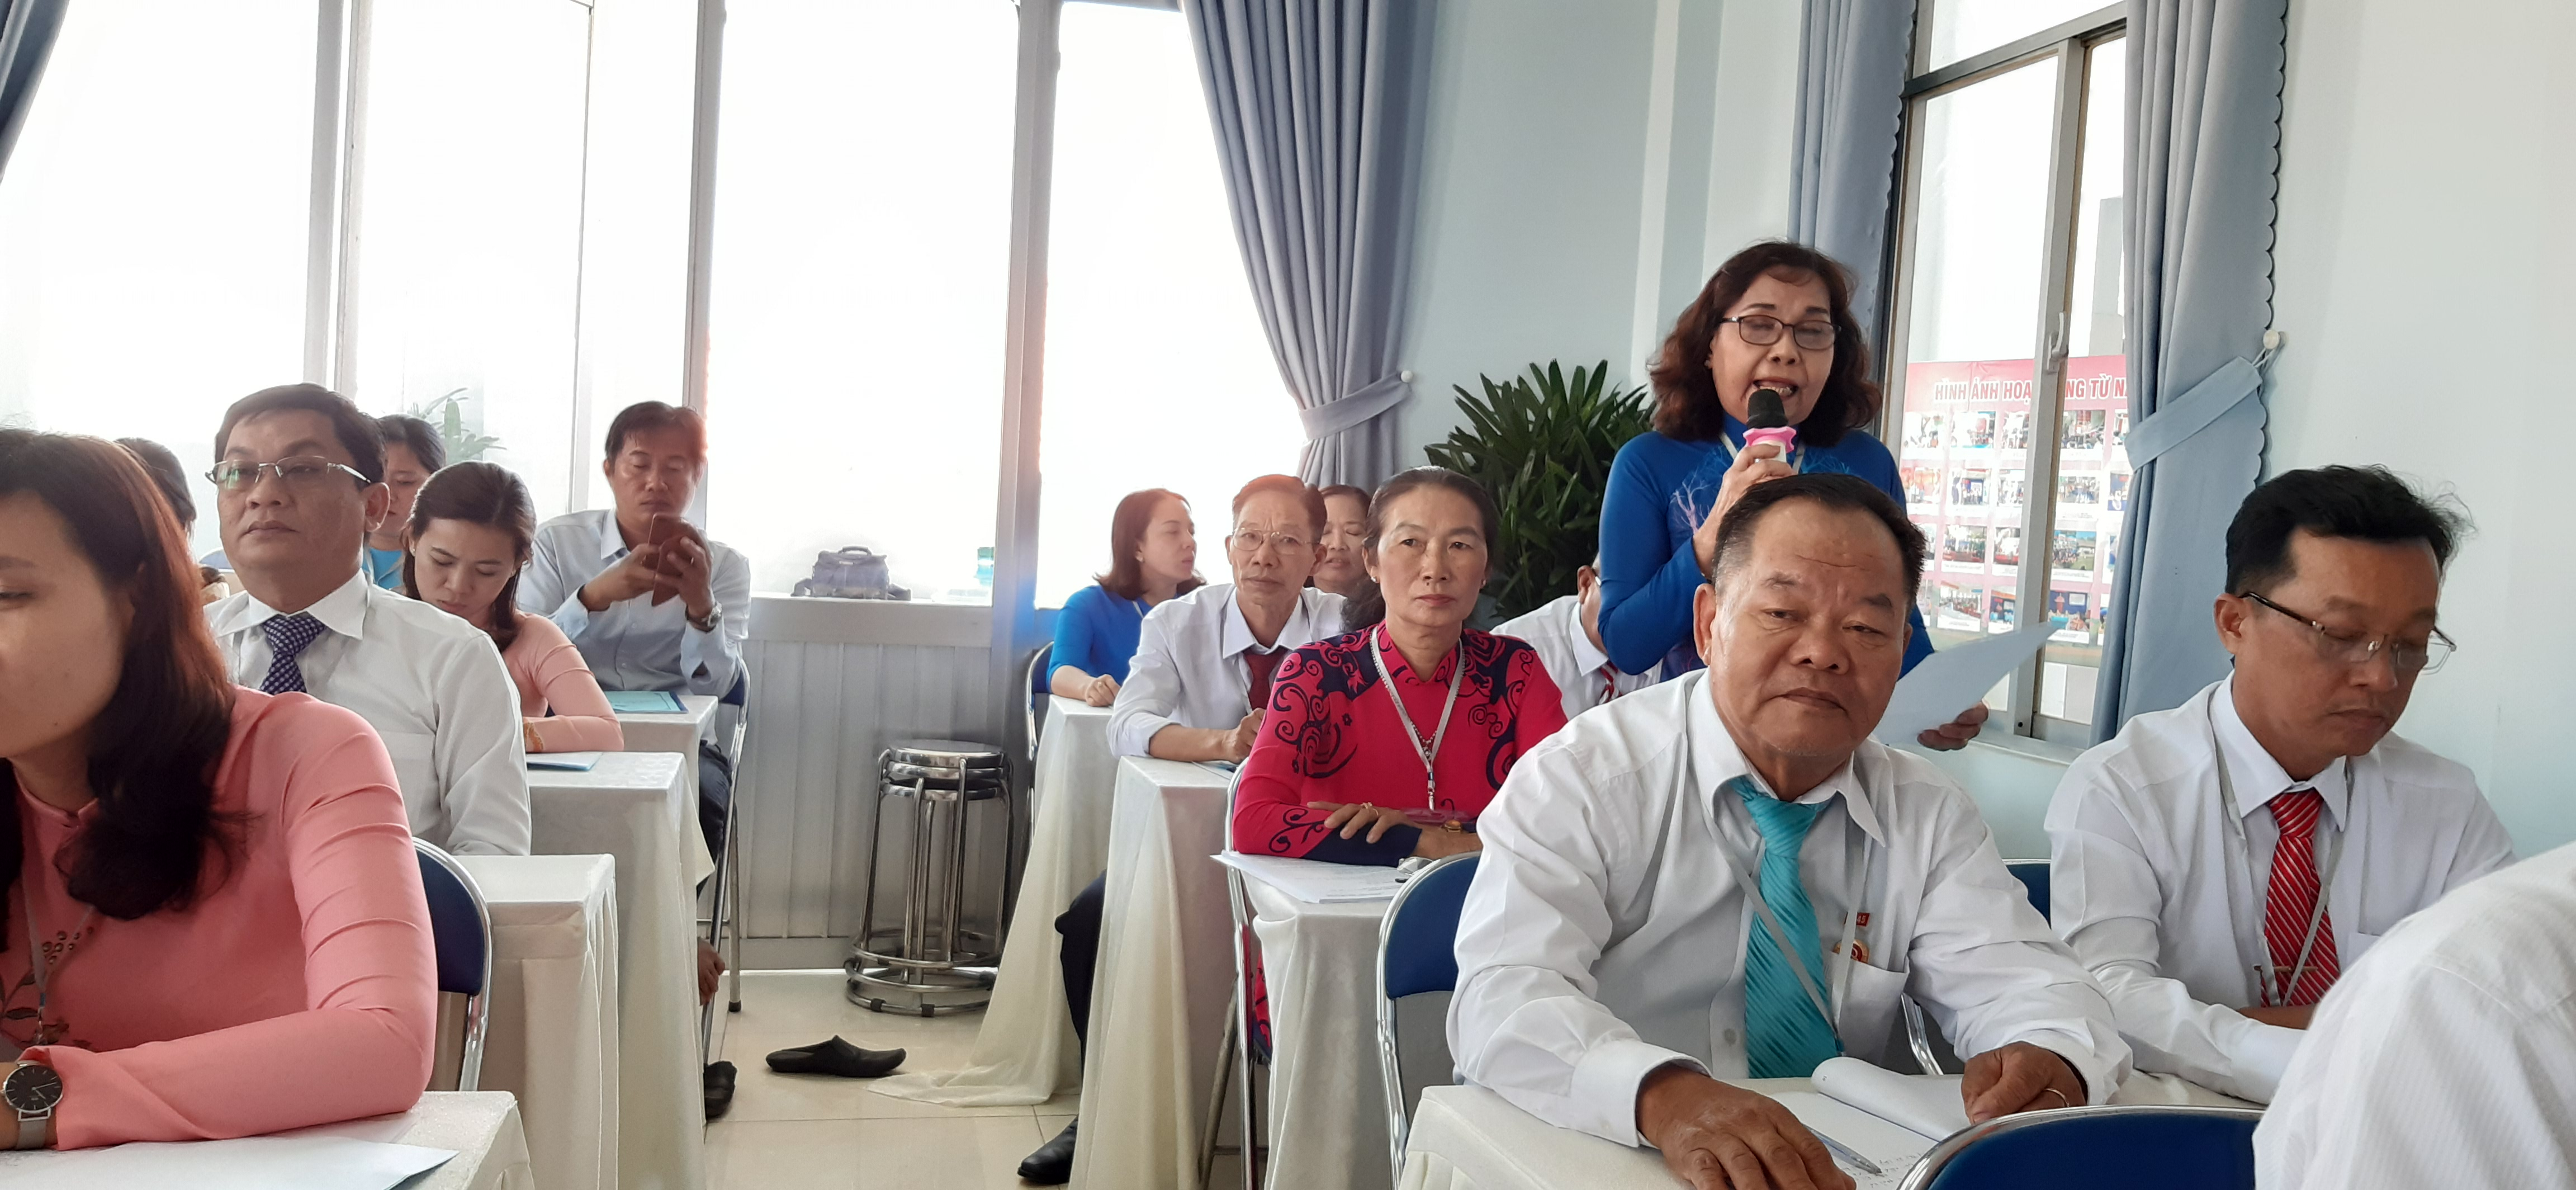 Đại biểu Tống Thị Lệ Hồng nêu trăn trở và kiến nghị giải pháp về việc quản lý, chăm lo dân nhập cư